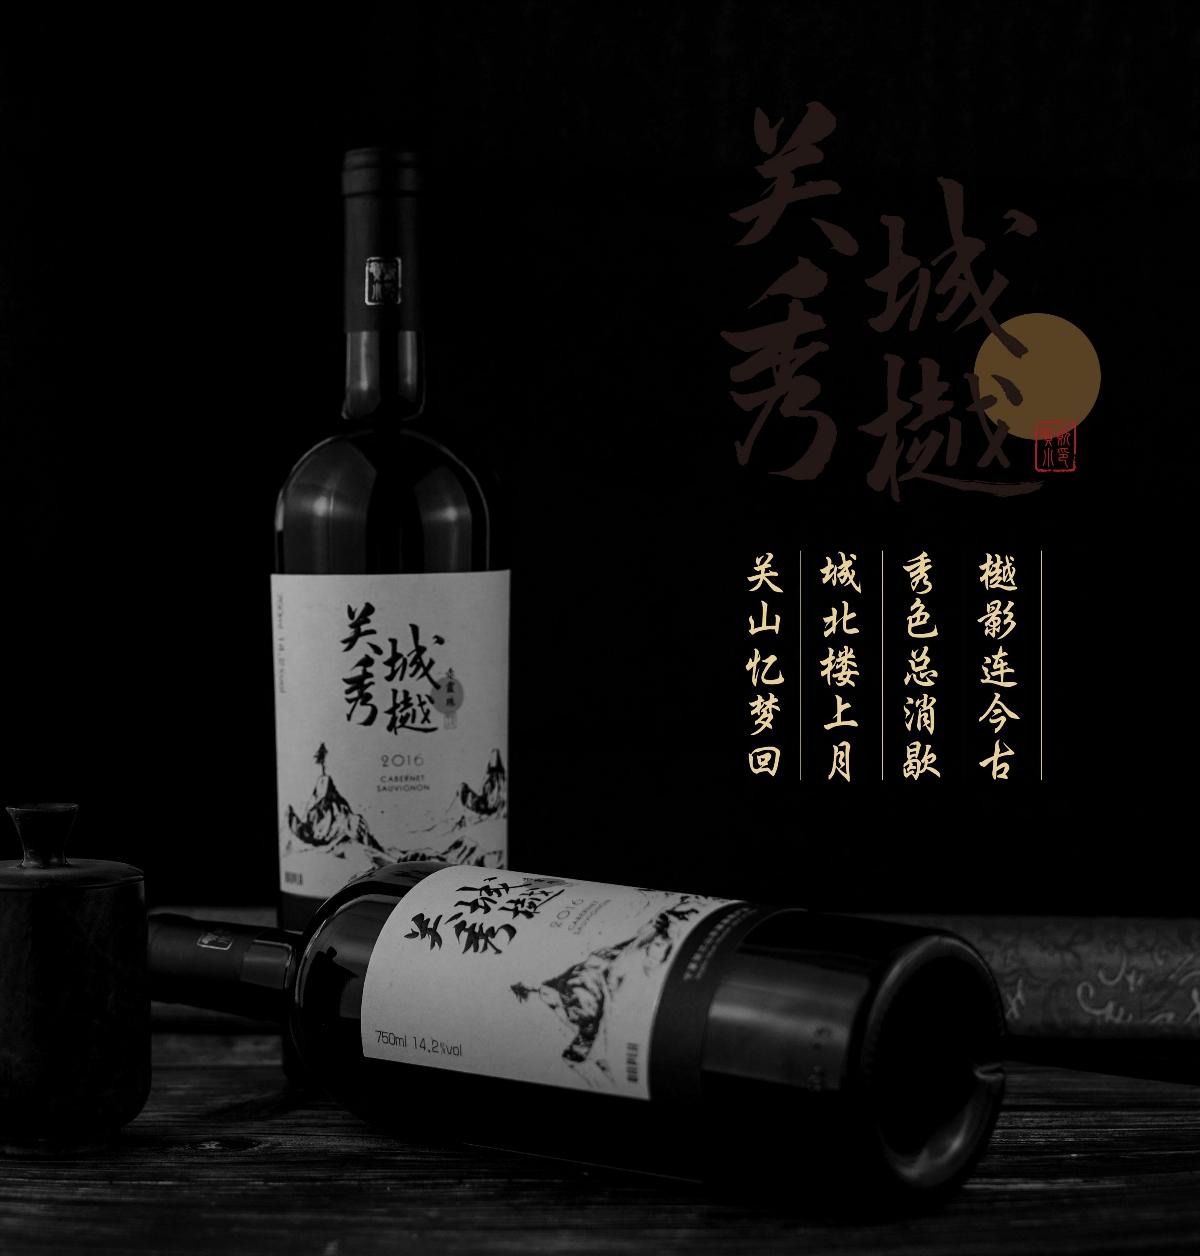 三川久木の贺兰山东麓红酒拍摄